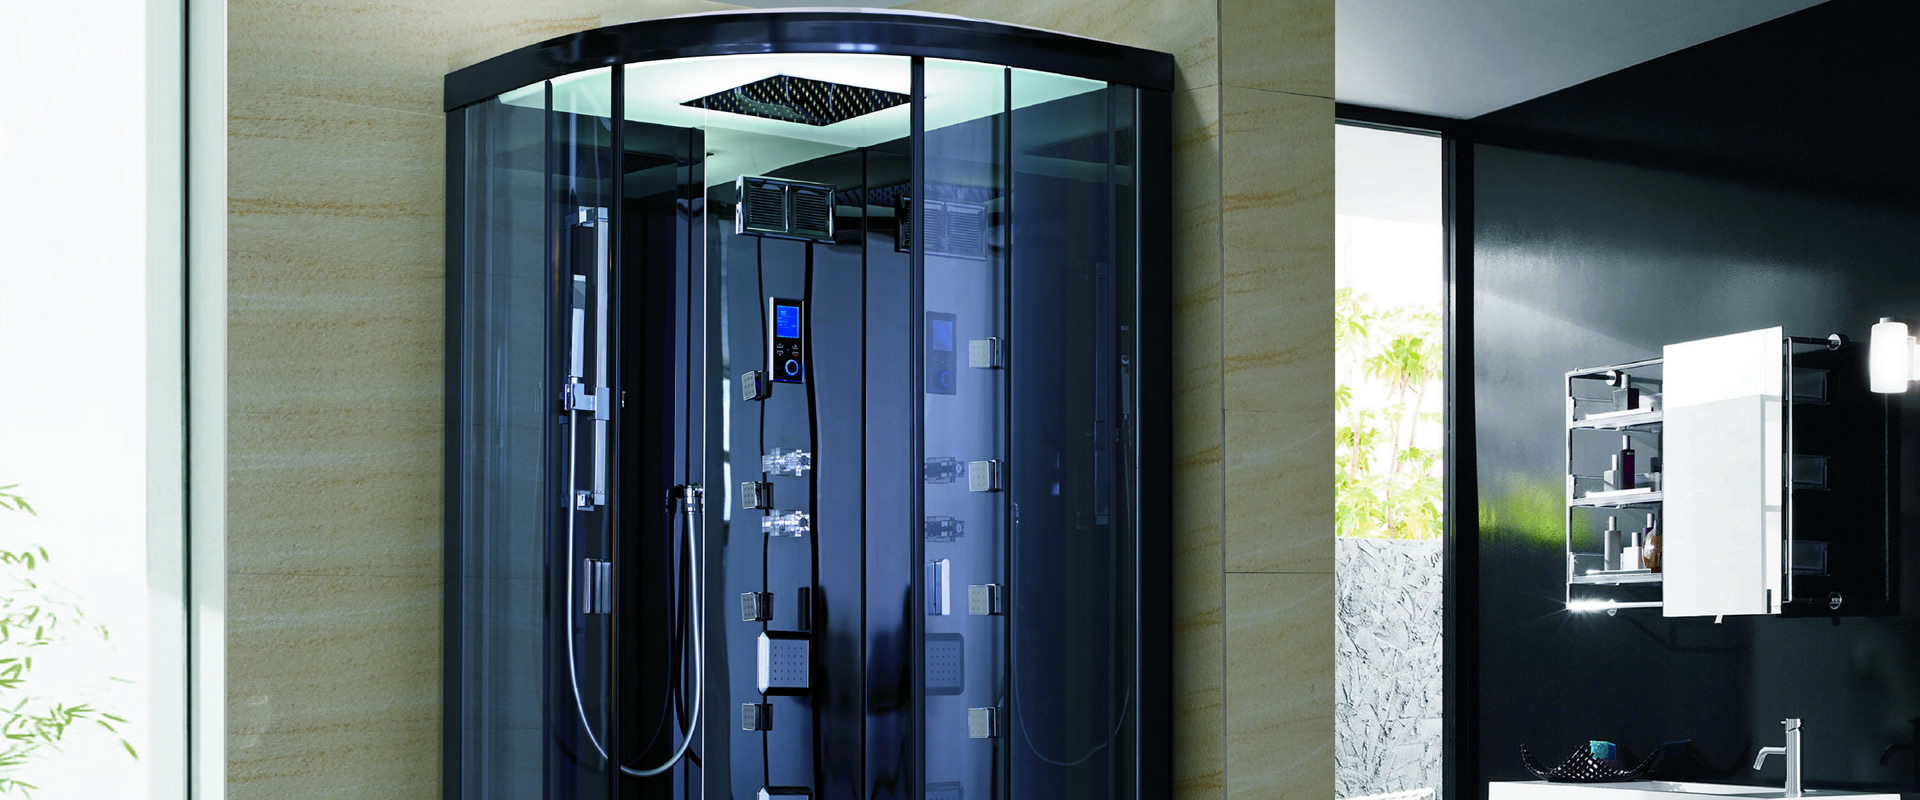 Ducha inteligente una tecnolog a innovadora ba era por - Modelos de banos y duchas ...